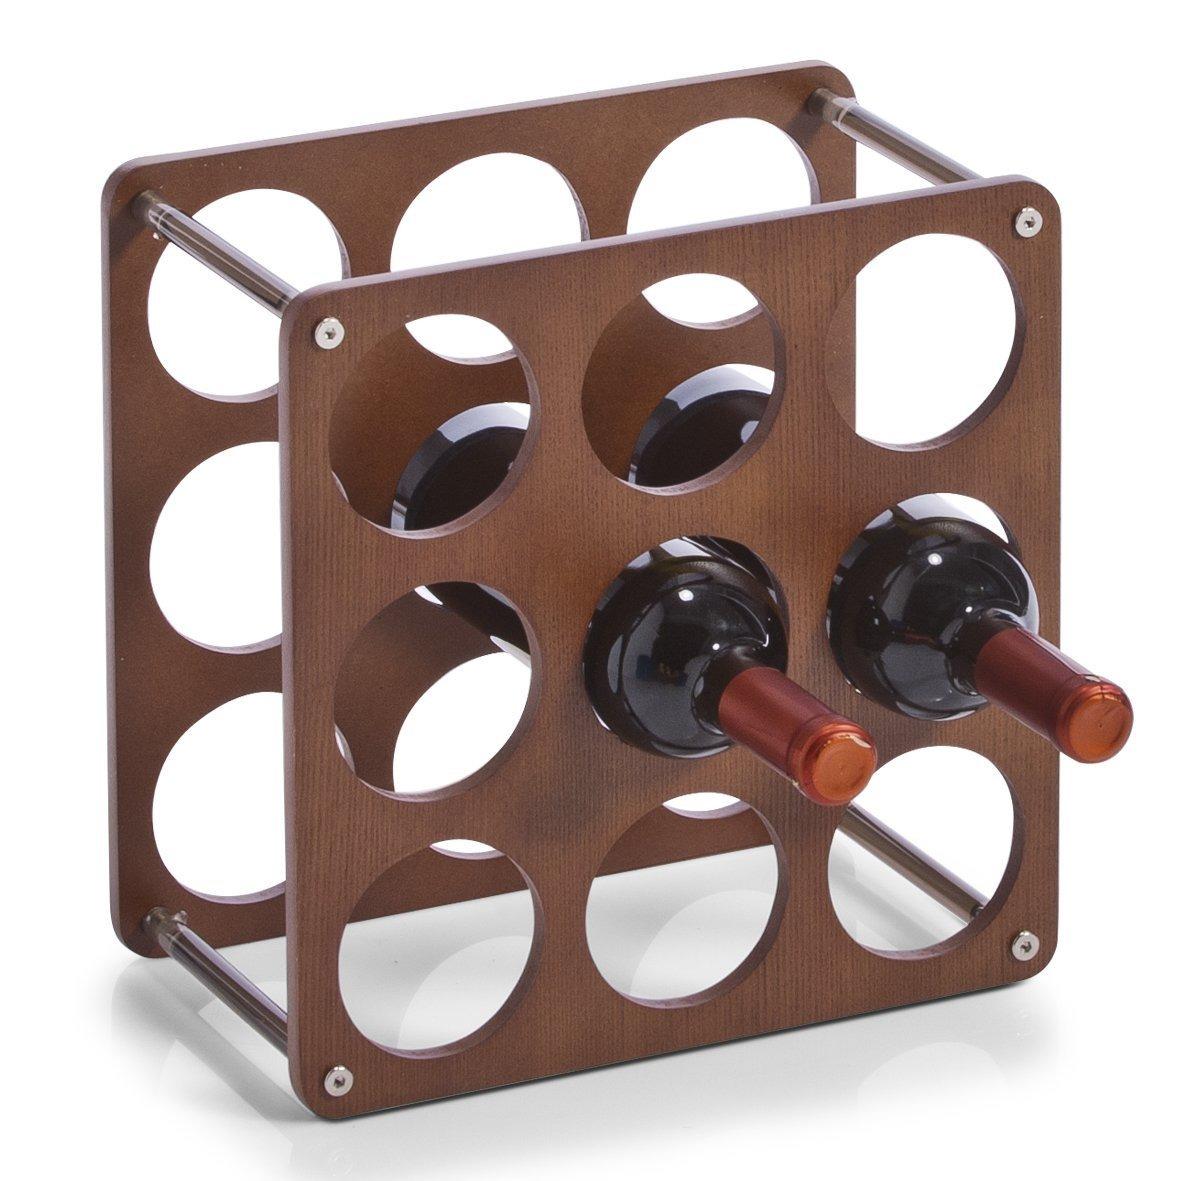 Stojan na víno, alkohol, láhve - 9 láhve 0,75 L ZELLER